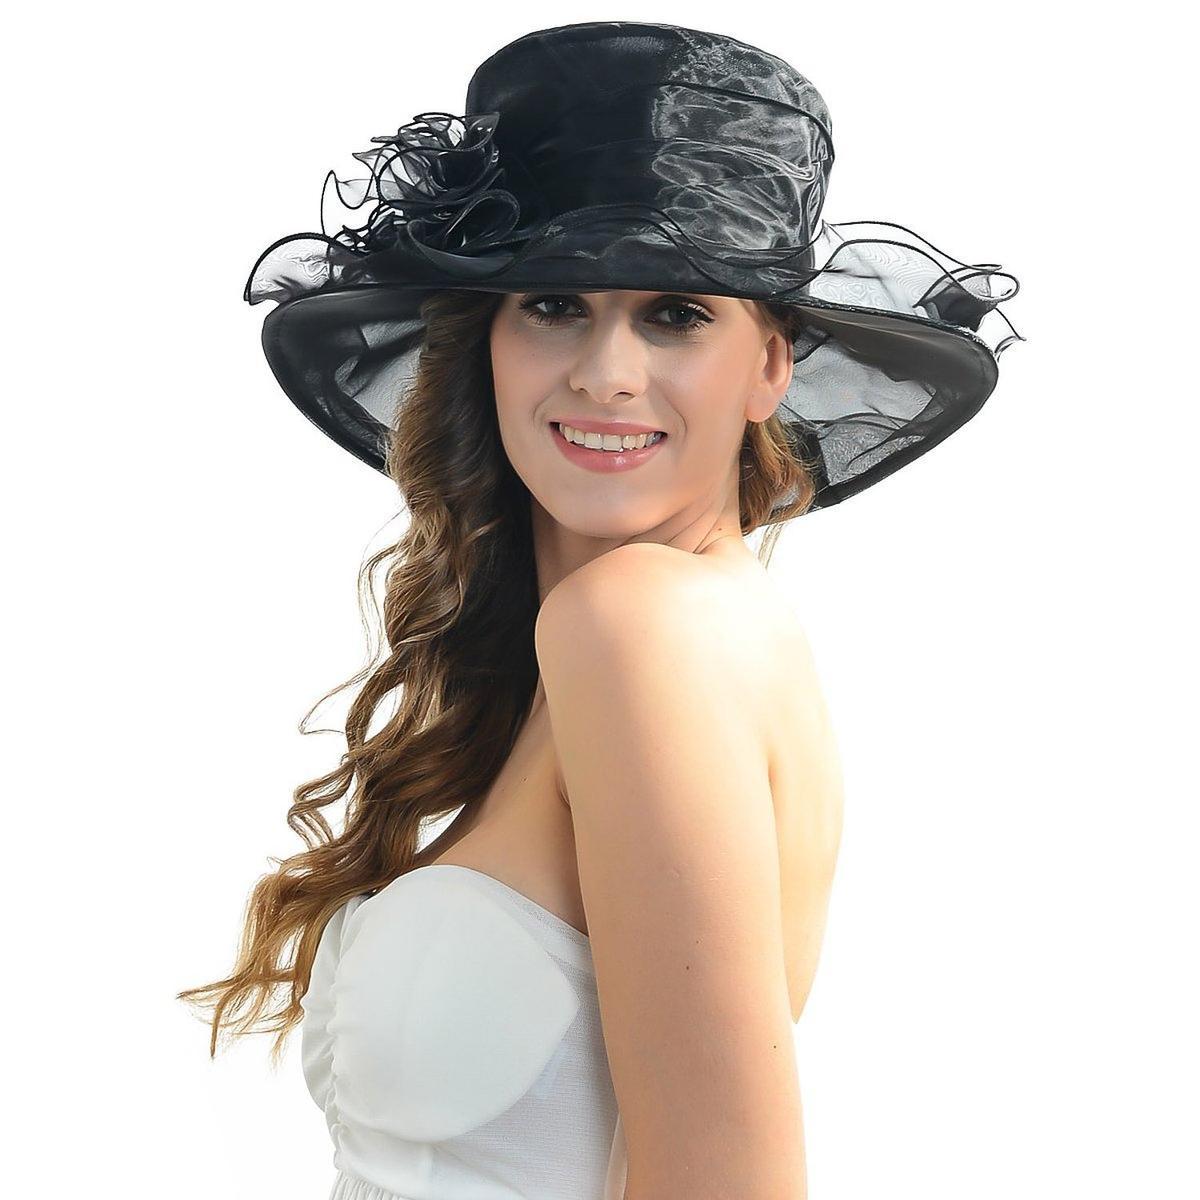 通常便なら送料無料 結婚式などのパーティに 迅速な対応で商品をお届け致します 上品な帽子 ヘッドドレス オーガンザ オーガンジー ハット 帽子 黒 IL 豪華 上品 購入 衣装 派手 結婚式 貴婦人 Caldo パーティ レディース